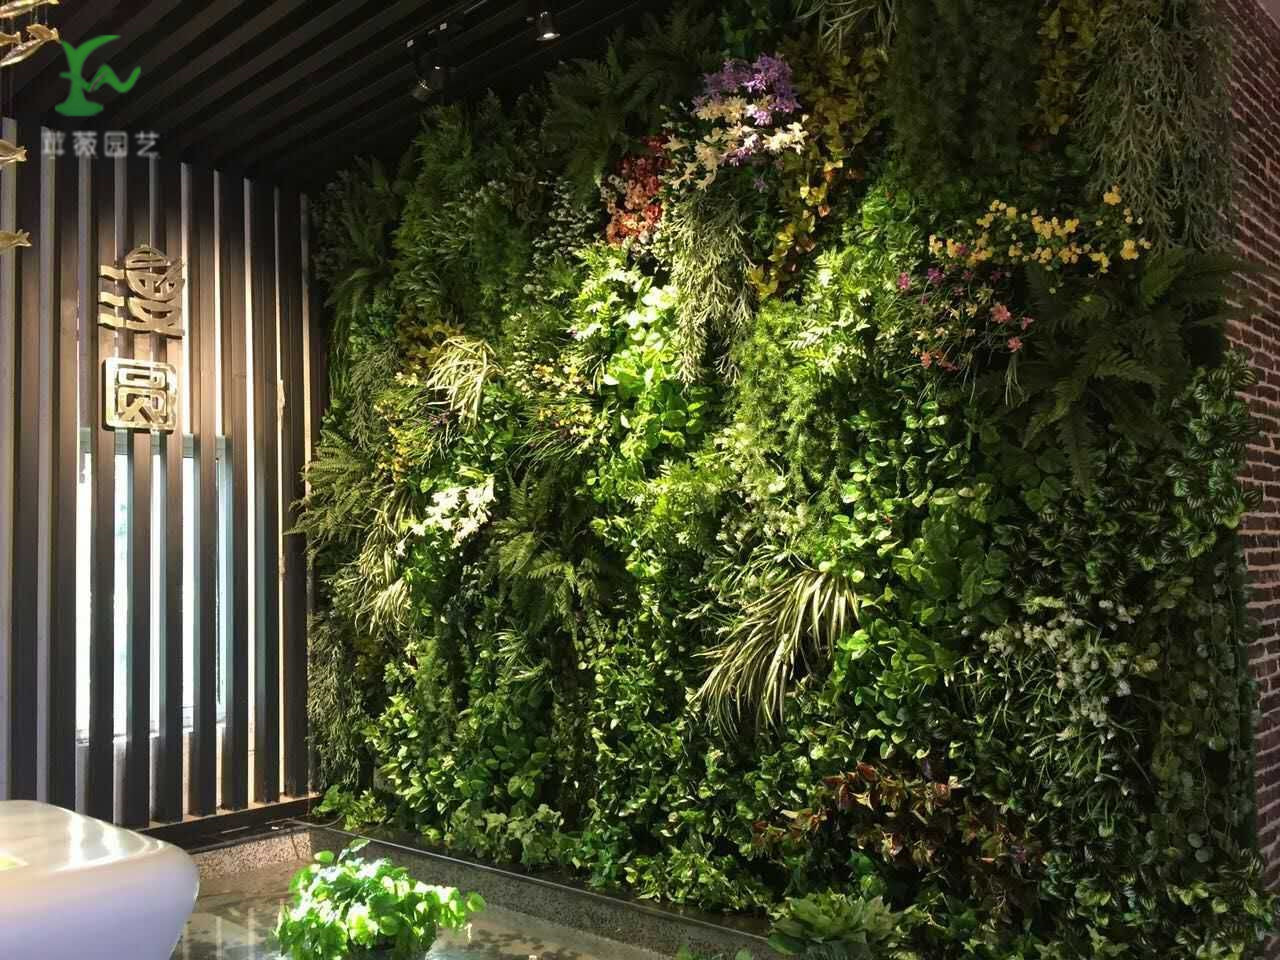 室内植物租赁设计参考-上海ag真人园艺有限公司供